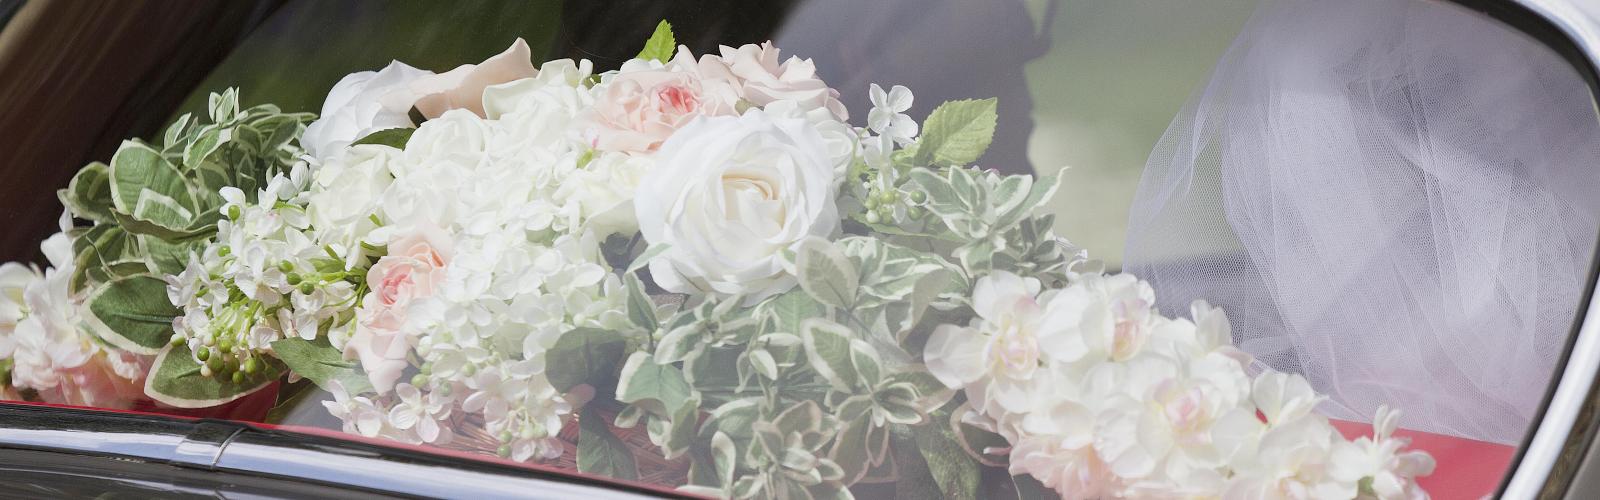 Rosemary Davies Luxury Wedding Planner Portsmouth - Wedding Car Flower Arrangements